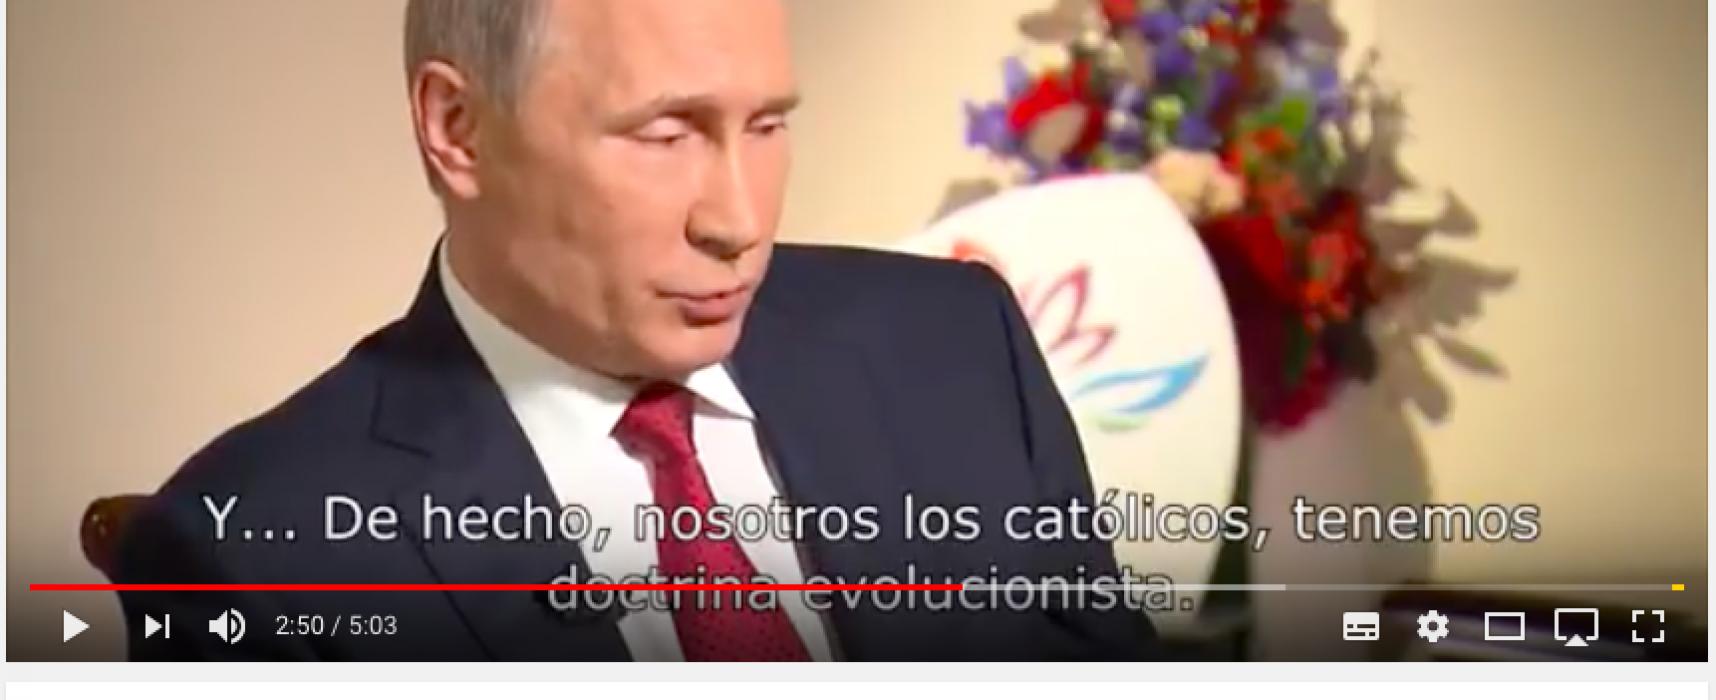 Putin wird durch Lügen als guter Christ dargestellt